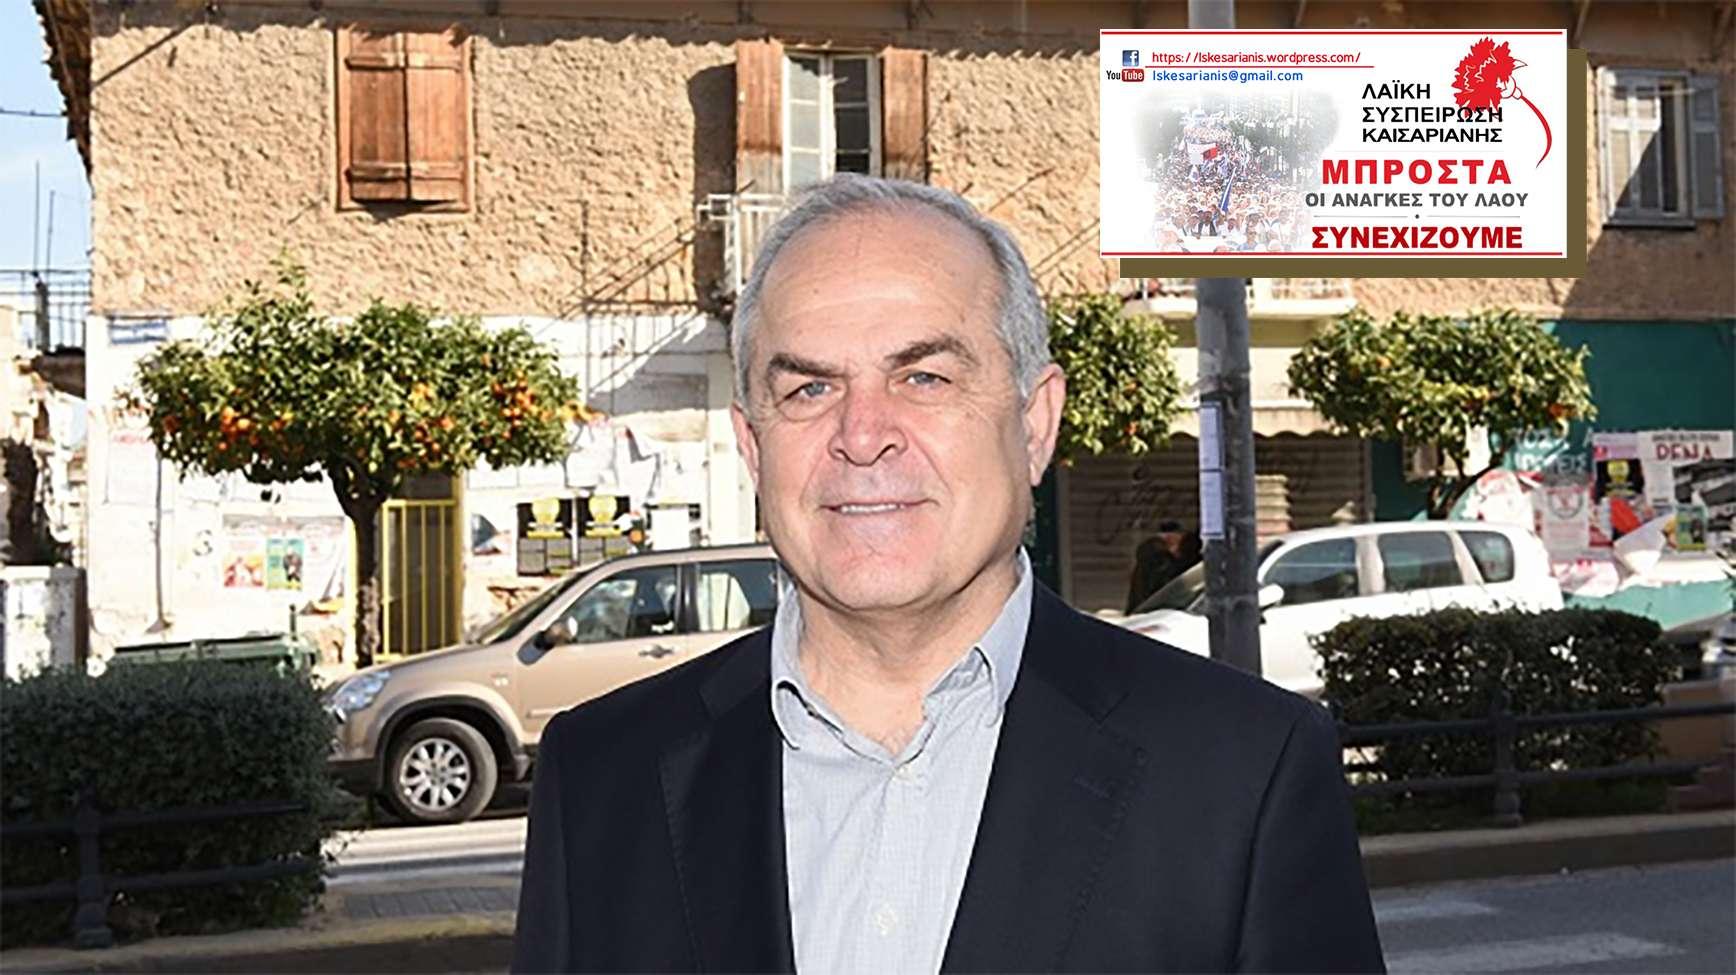 Ηλίας Σταμέλος πρ. δήμαρχος Καισαριανής: Ο κ. Βοσκόπουλος πορεύεται με την «προίκα» της δικής μας διοίκησης